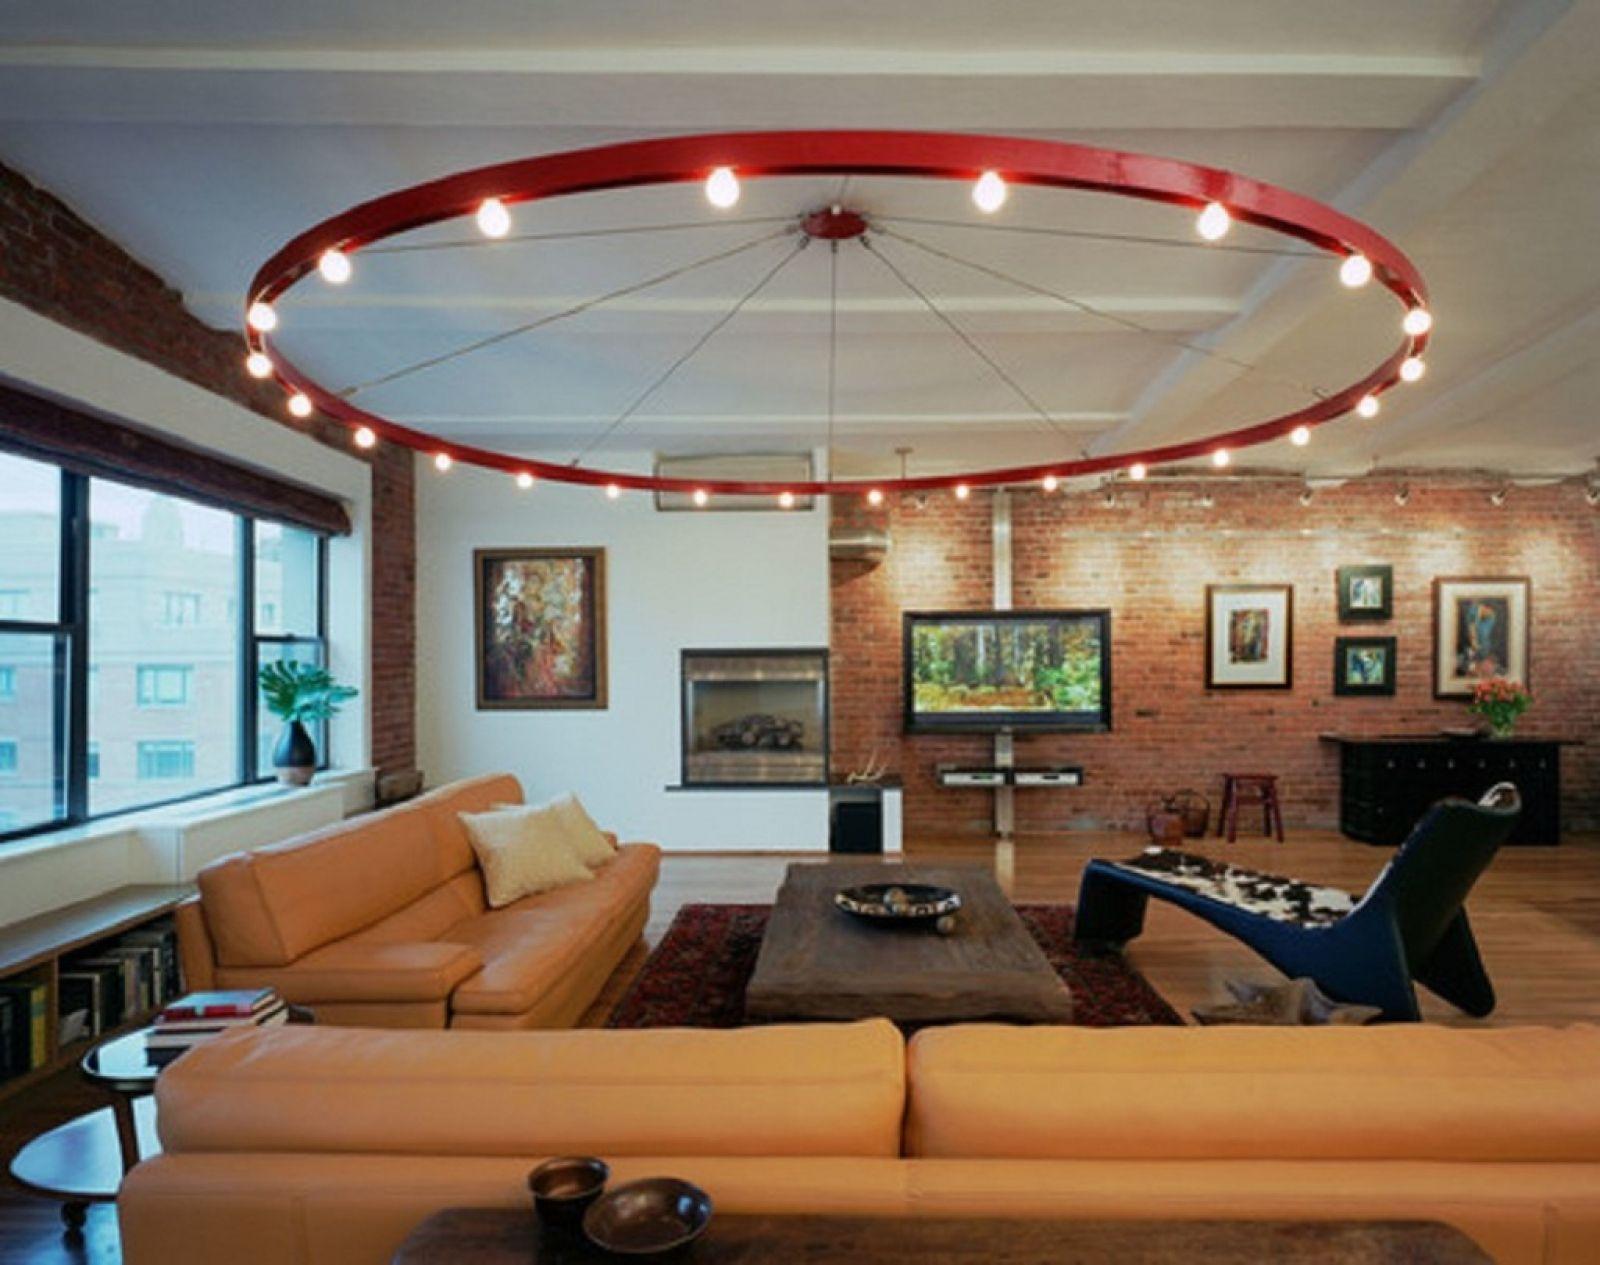 Светильники для гостиной: большая круглая люстра с маленькими лампочками